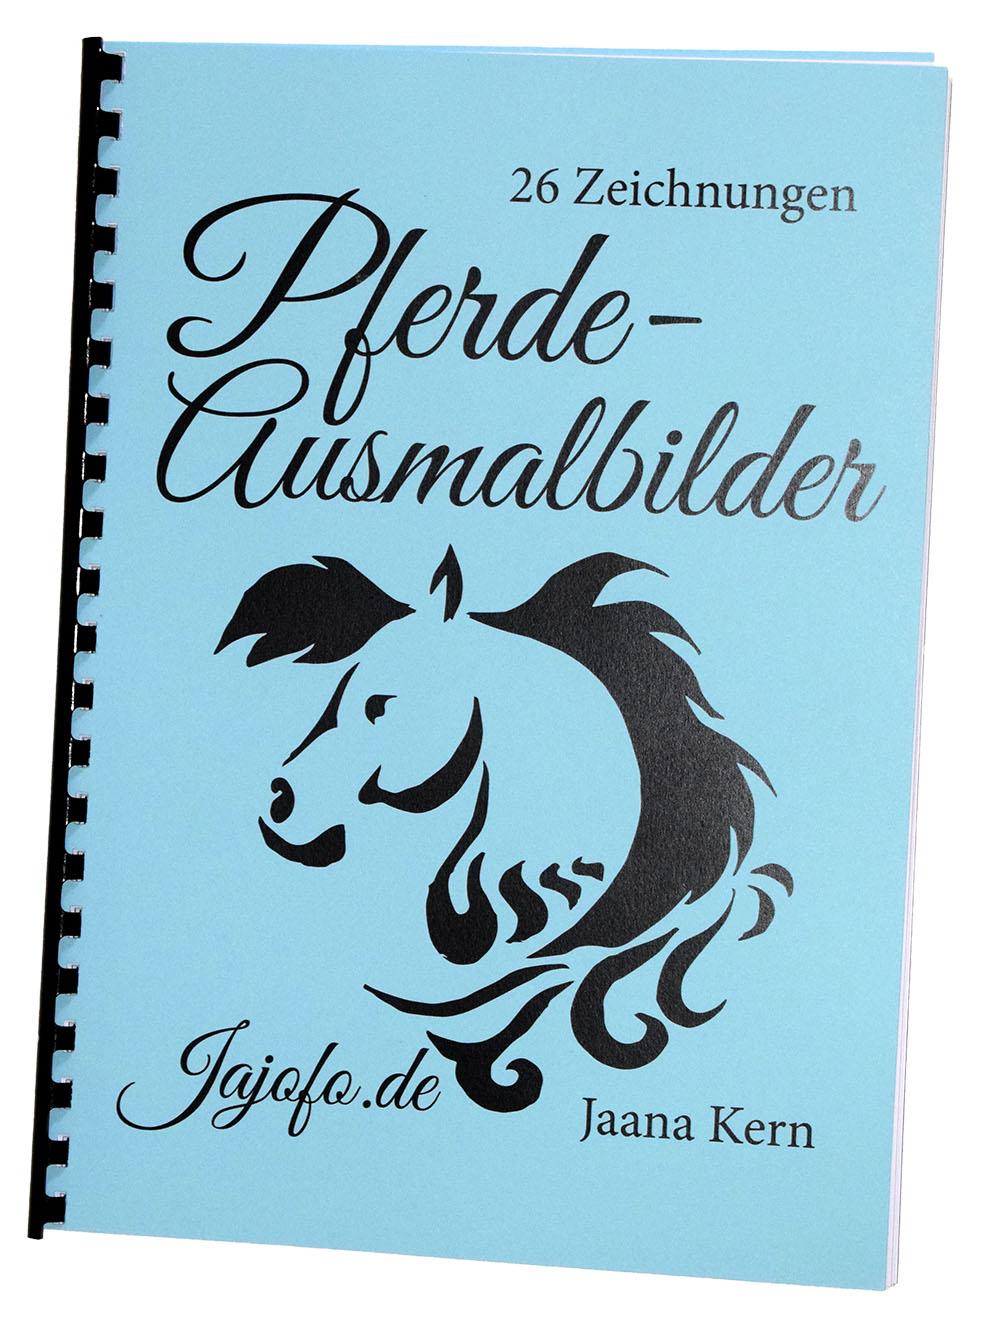 26 Pferdeausmalbilder in einem Buch! Das erste Buch von Jaana Kern